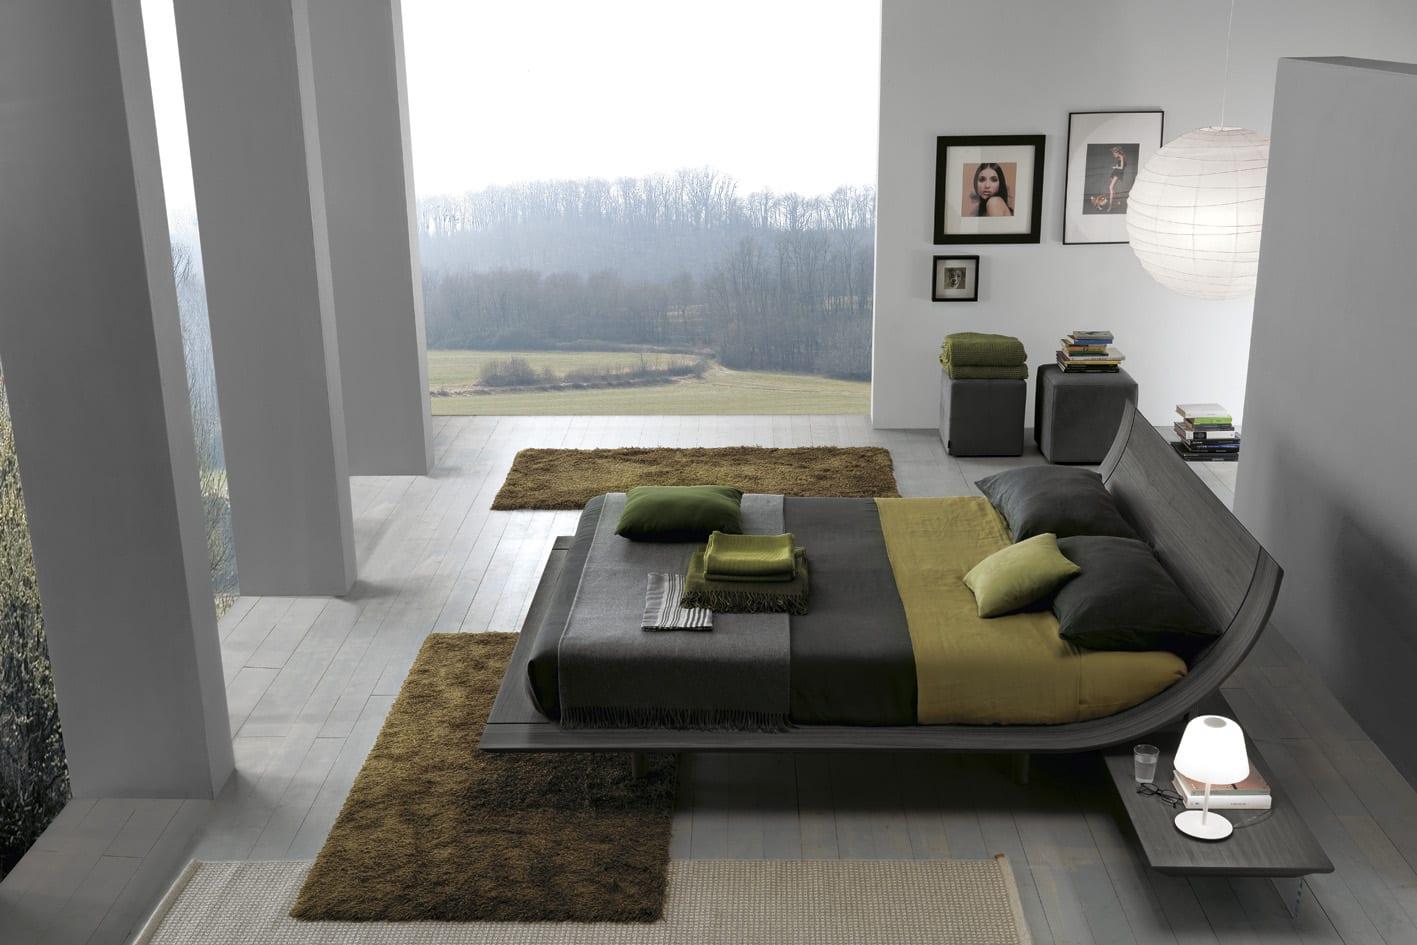 schlafzimmer grau - ein modernes schlafzimmer interior in grau, Schlafzimmer entwurf